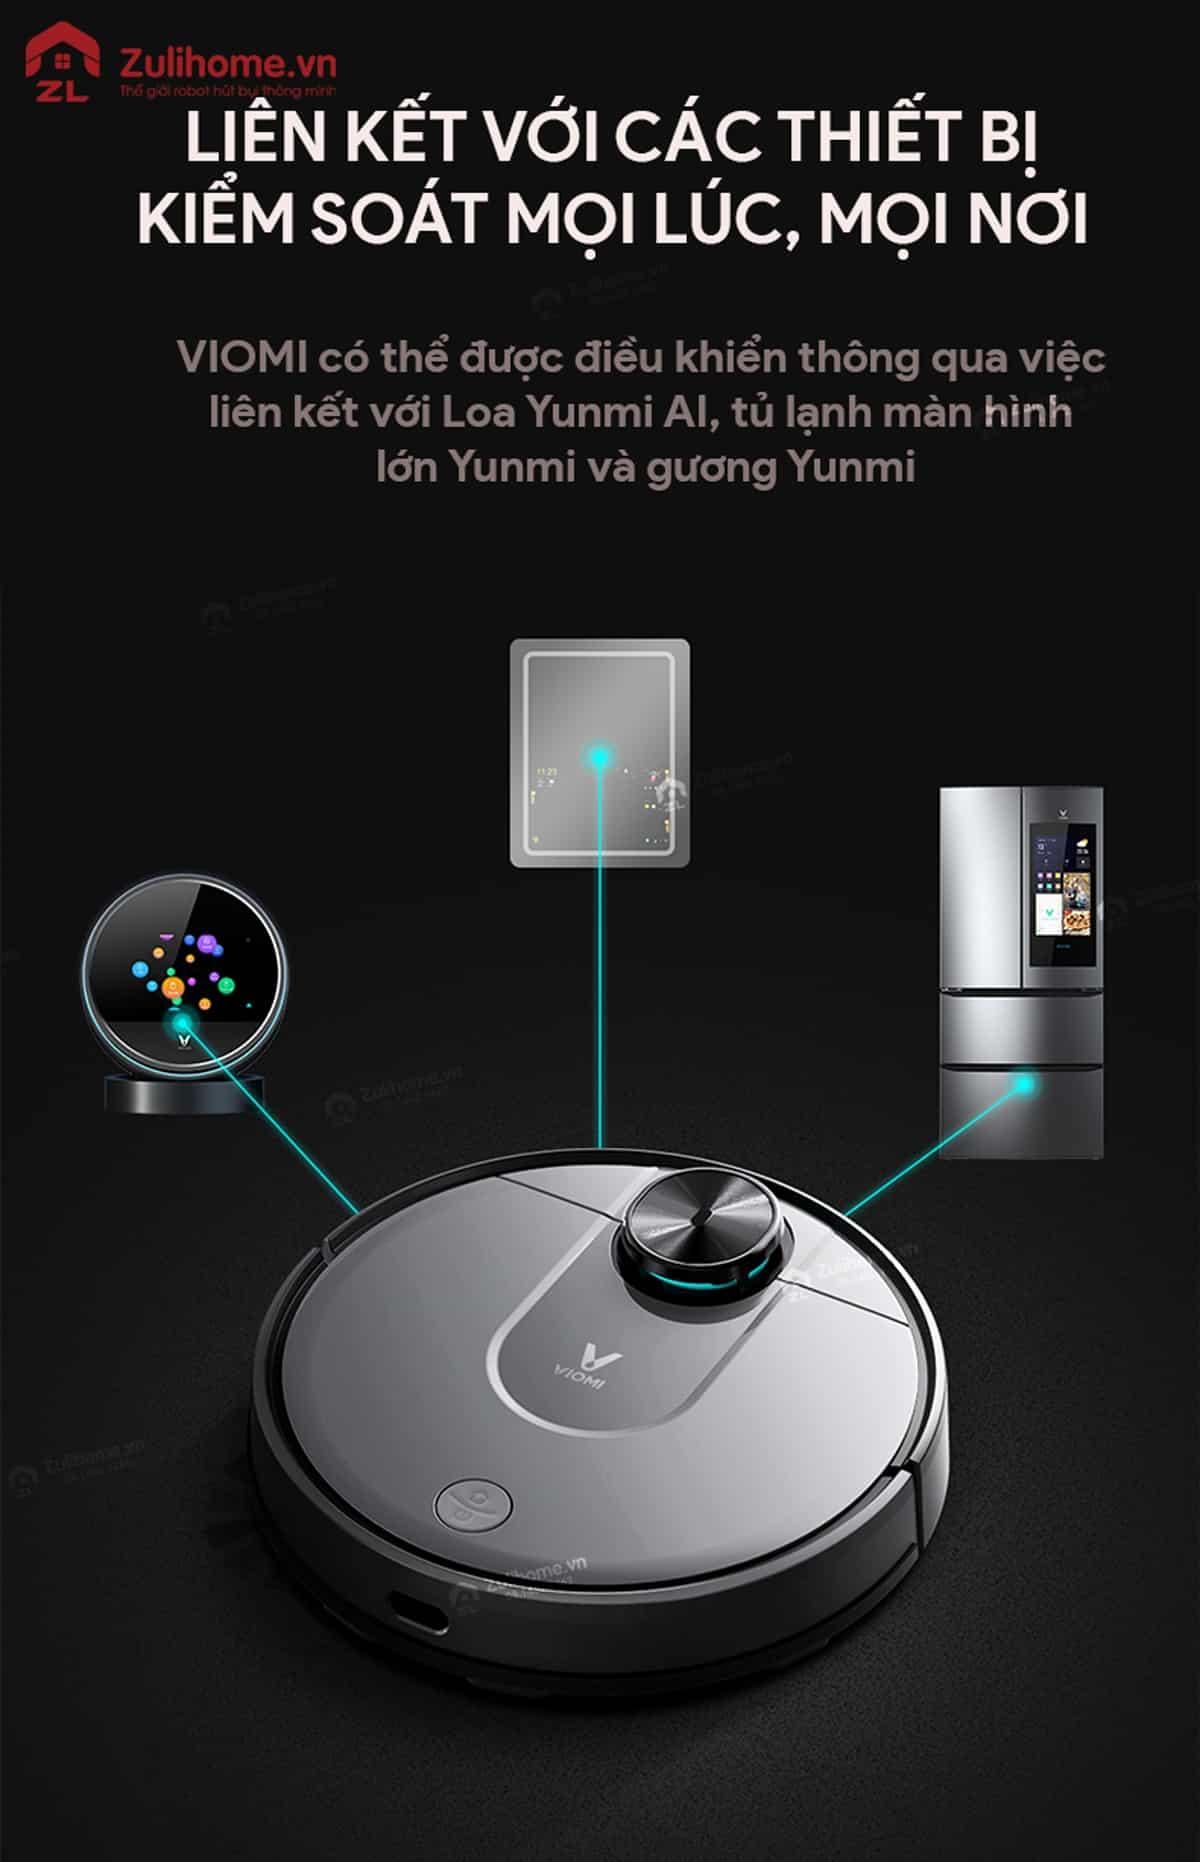 Xiaomi Viomi Yunmi được liên kết với các thiết bị khác